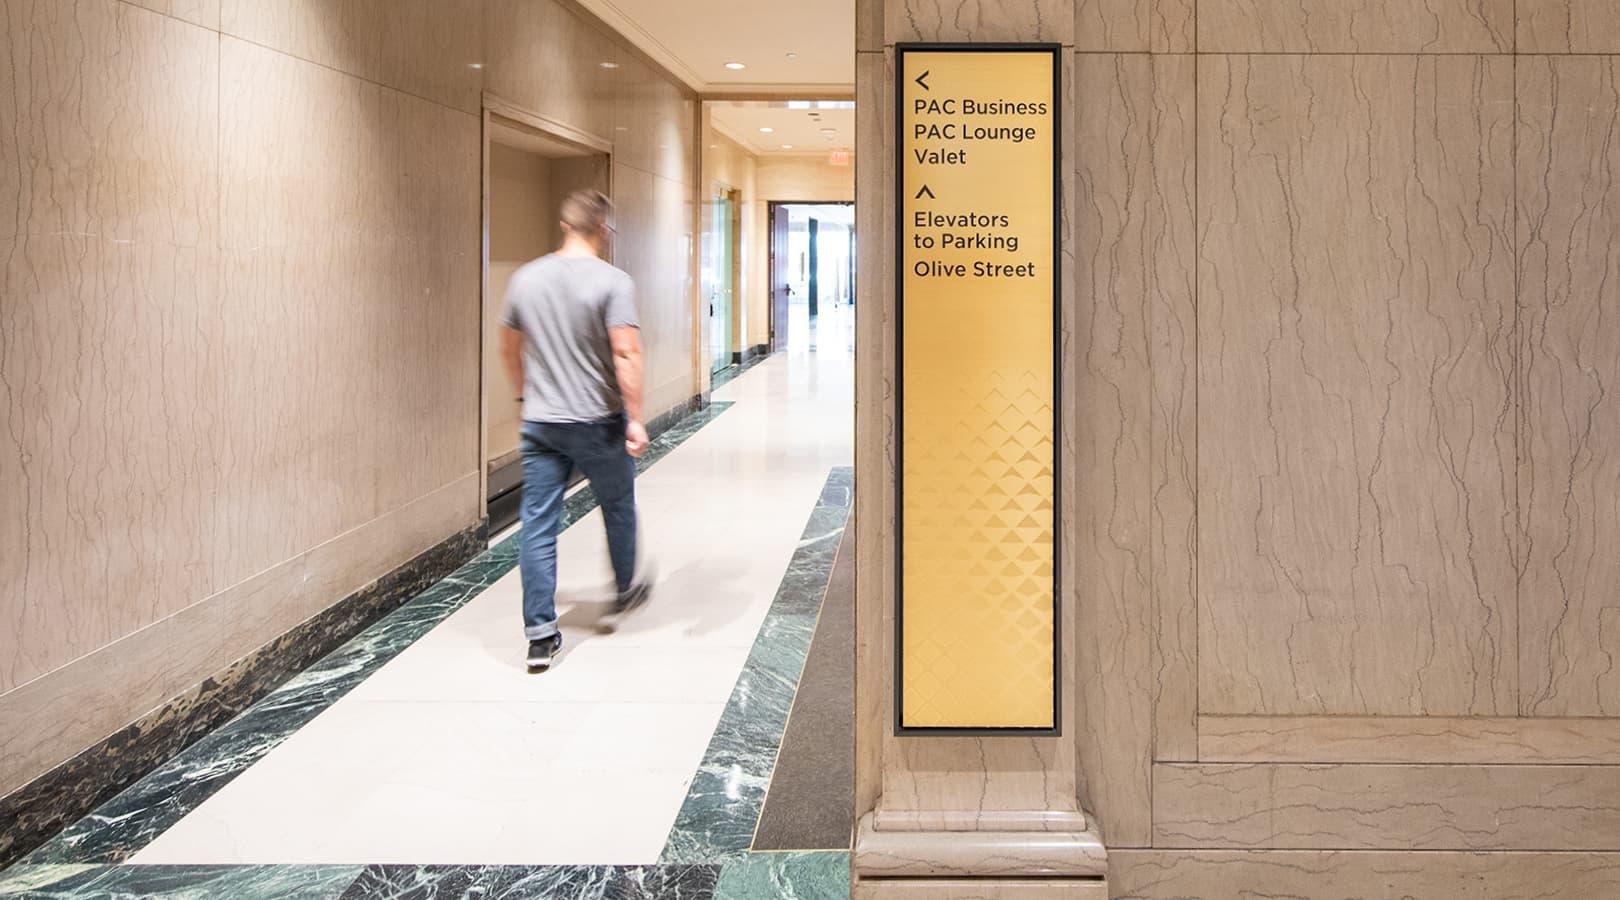 PacMutual Building, Los Angeles Interior Wayfinding Design